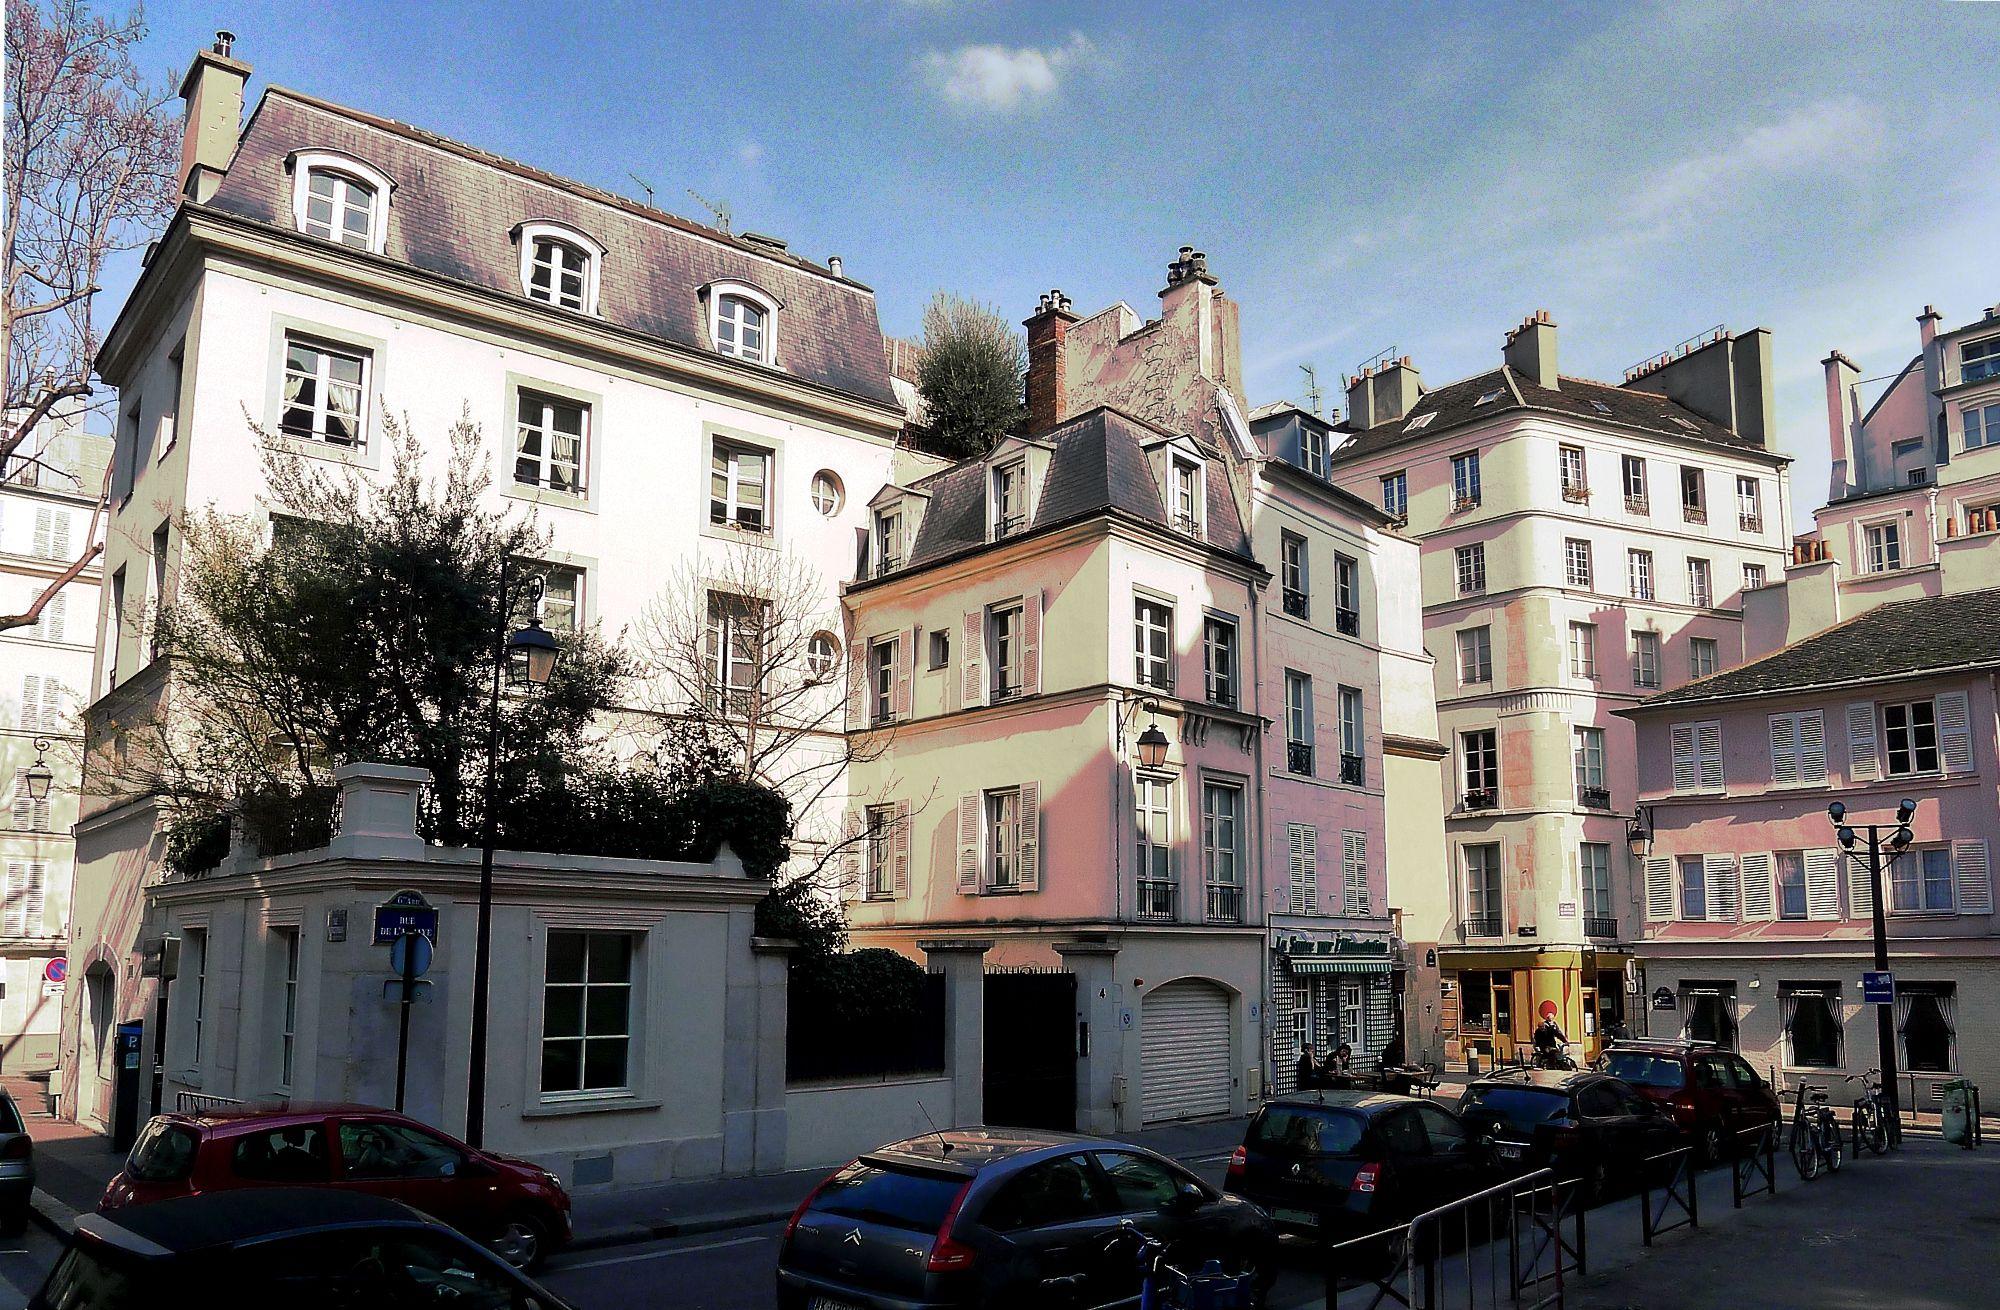 Lugar: la rue de l'abbaye, paris - El perseguidor